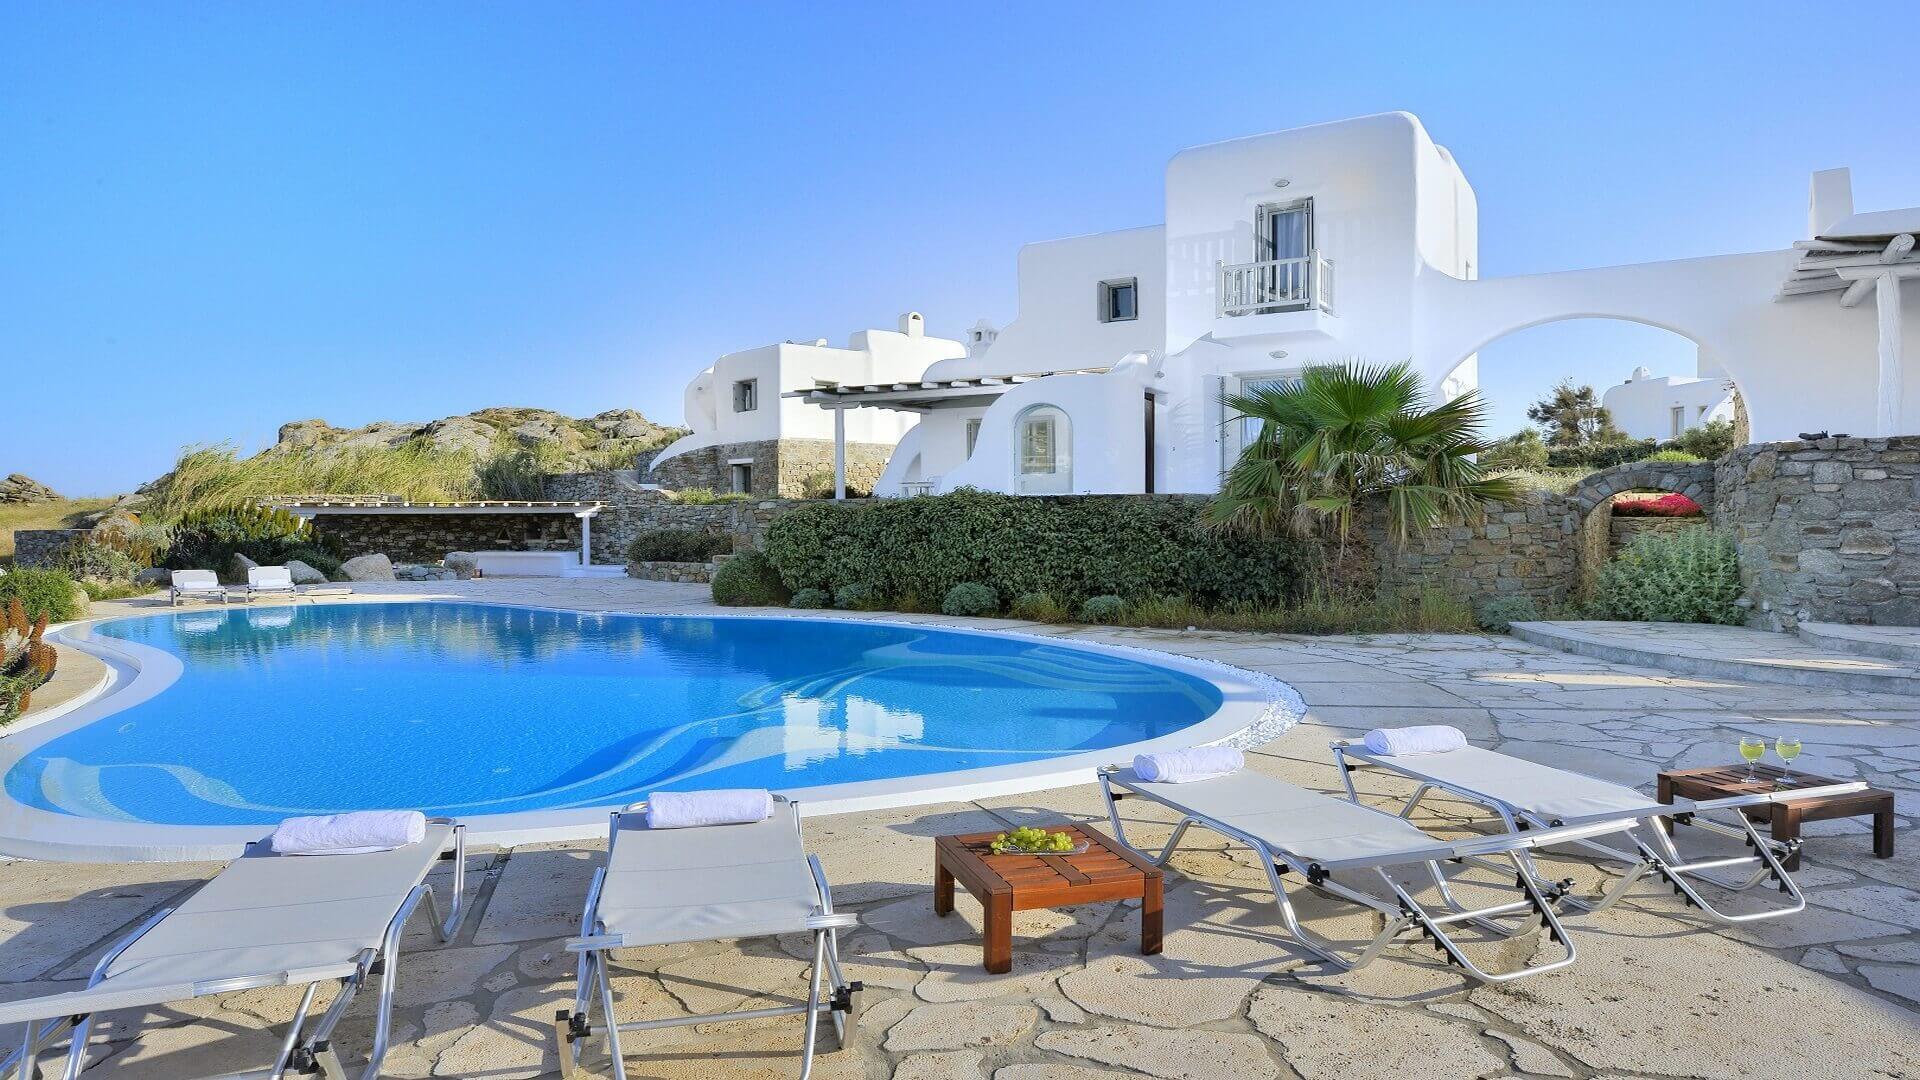 Villa Chantal Platis Gialos Mykonos